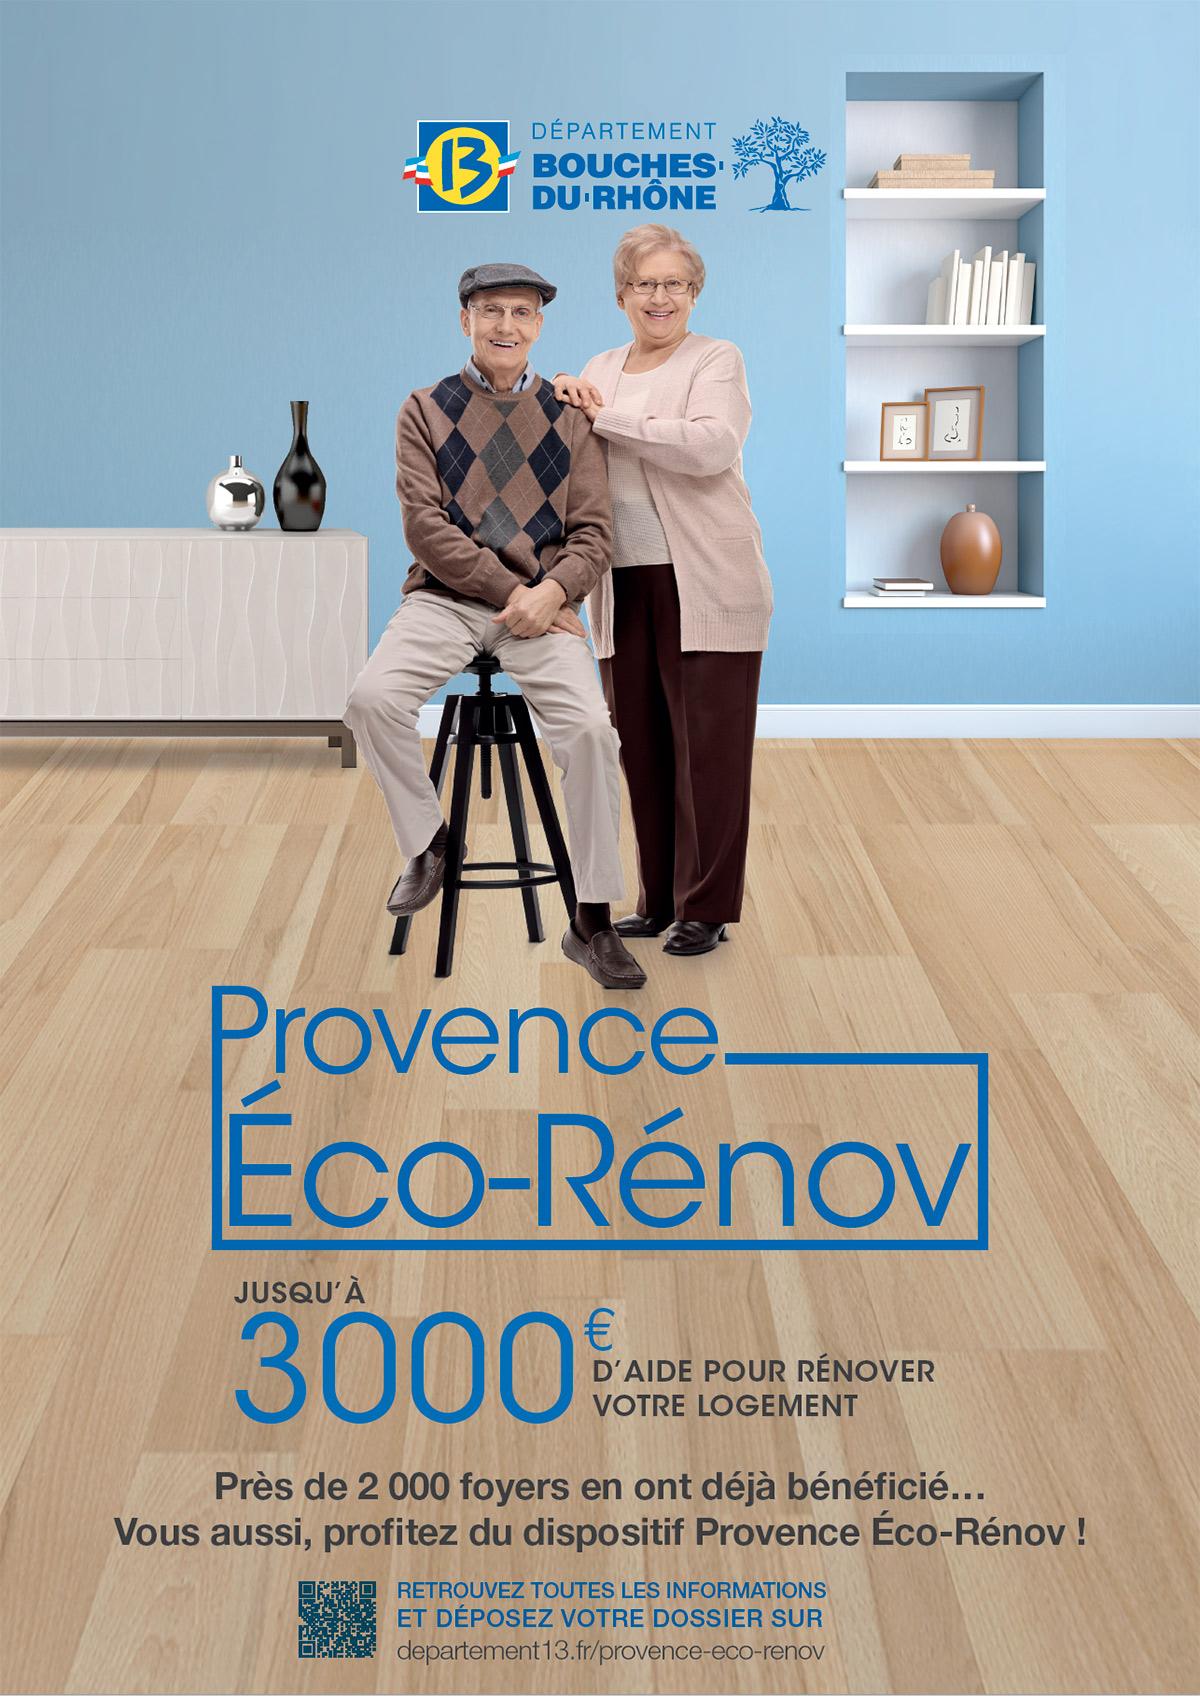 provence eco renov les dispositifs logement le 13 en action site du d partement des. Black Bedroom Furniture Sets. Home Design Ideas